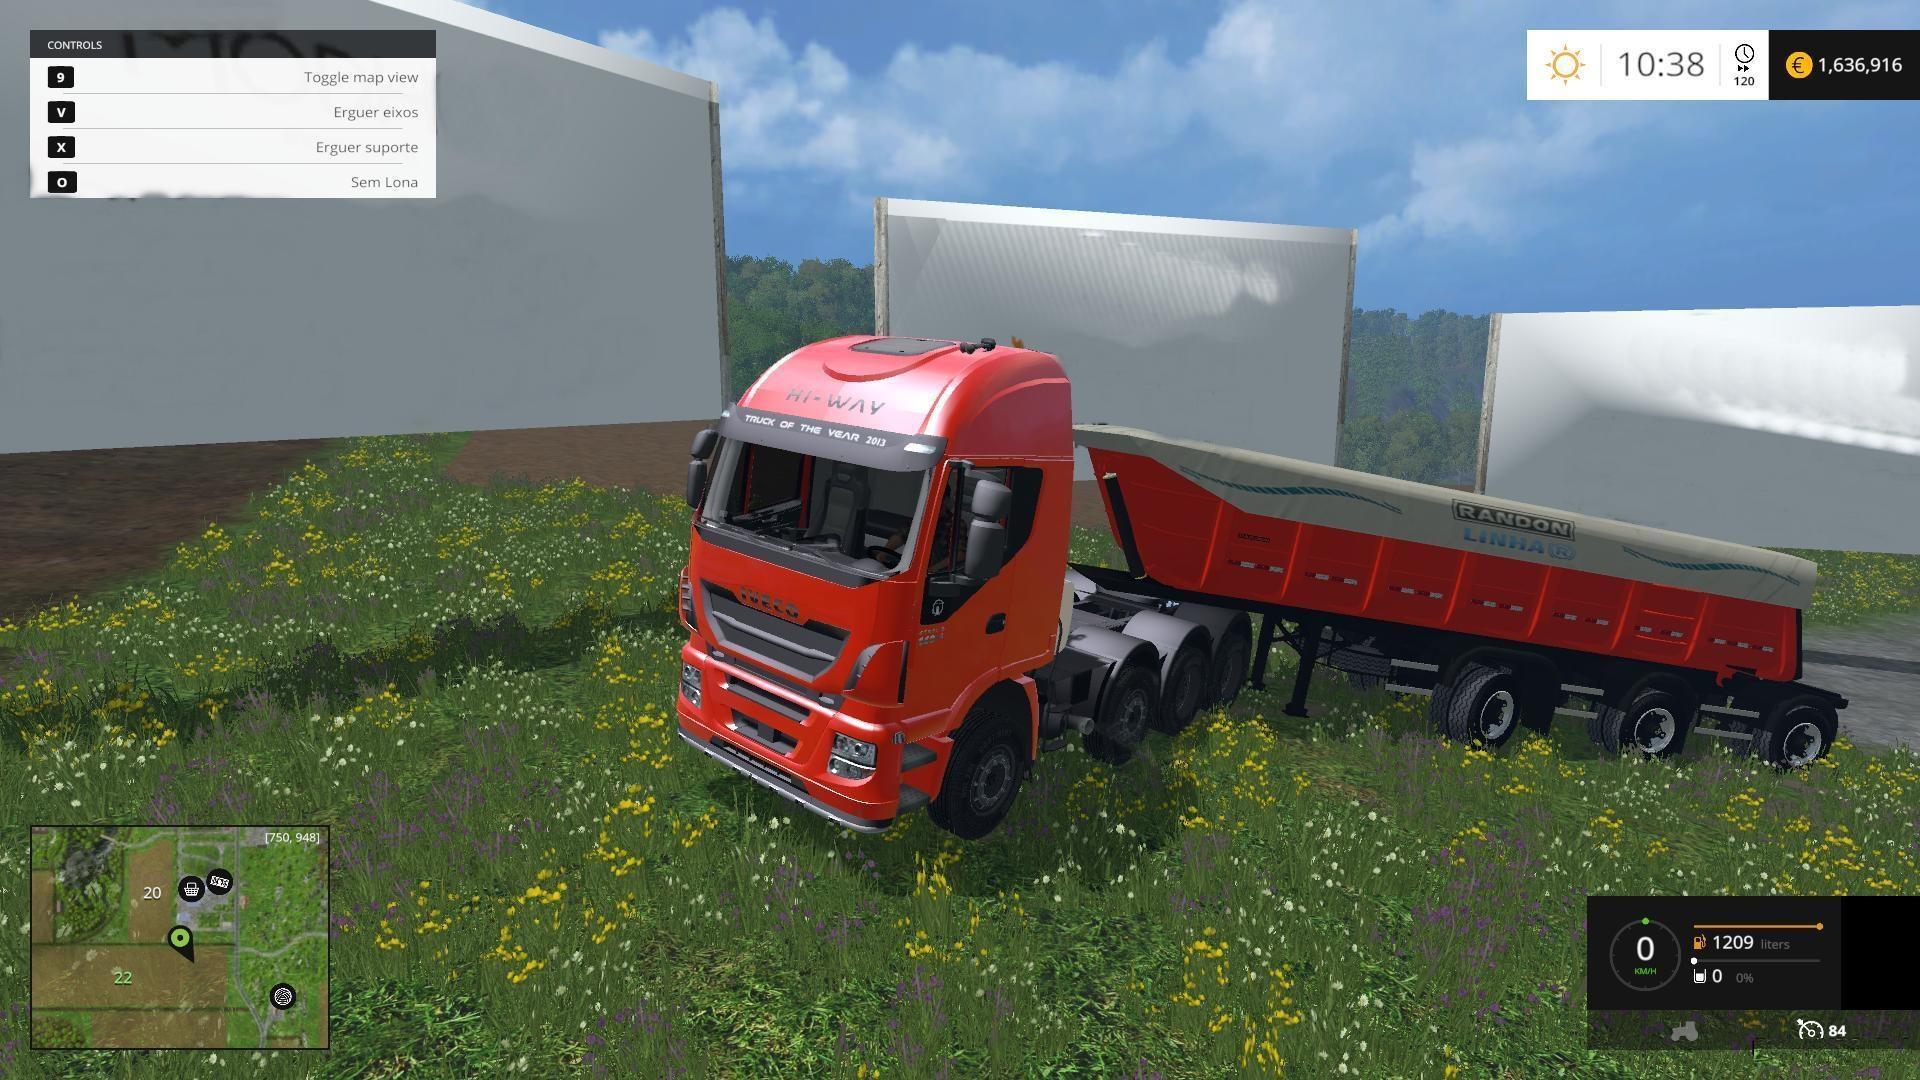 1424170565_iveco-stralis-560-8x4-trailer-v1_1-19